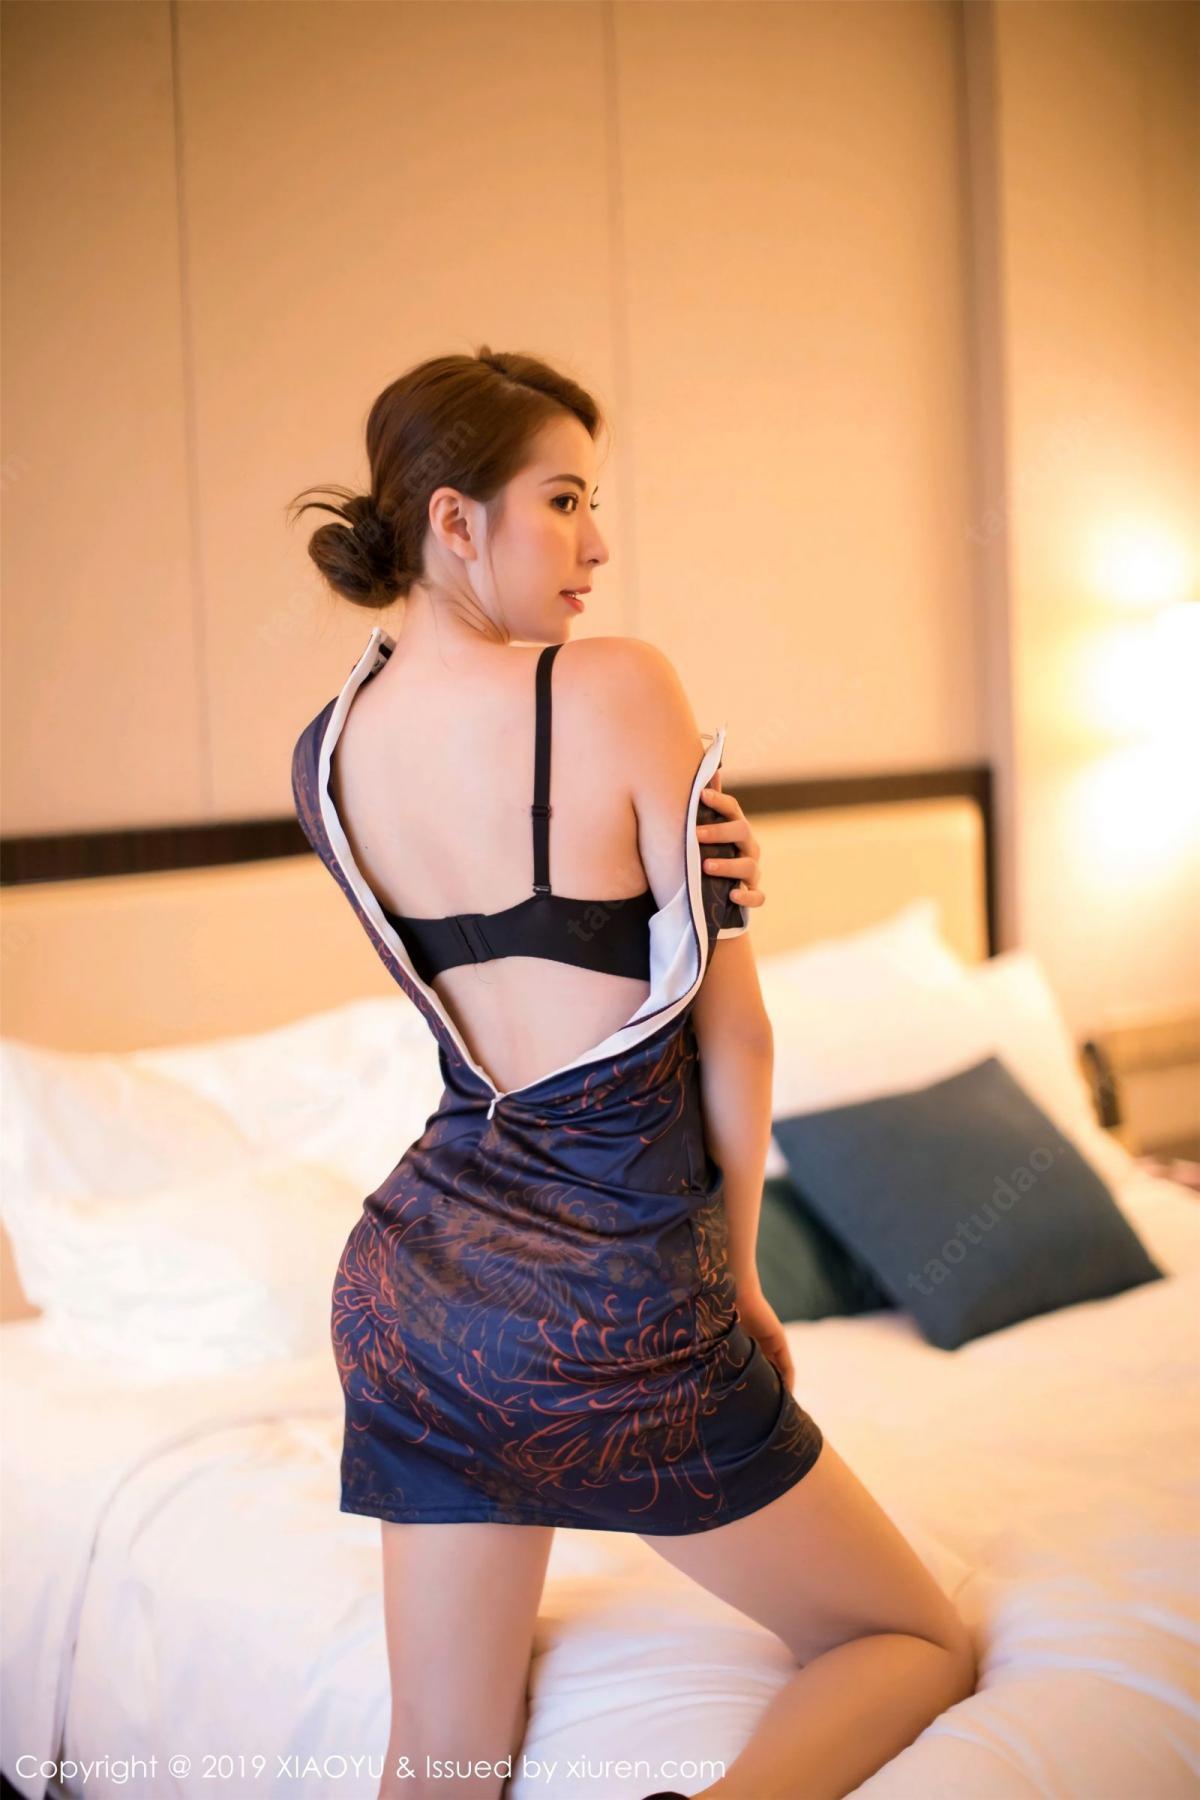 [XiaoYu] Vol.055 Carry Chan 34P, Chen Liang Ling, Cheongsam, XiaoYu